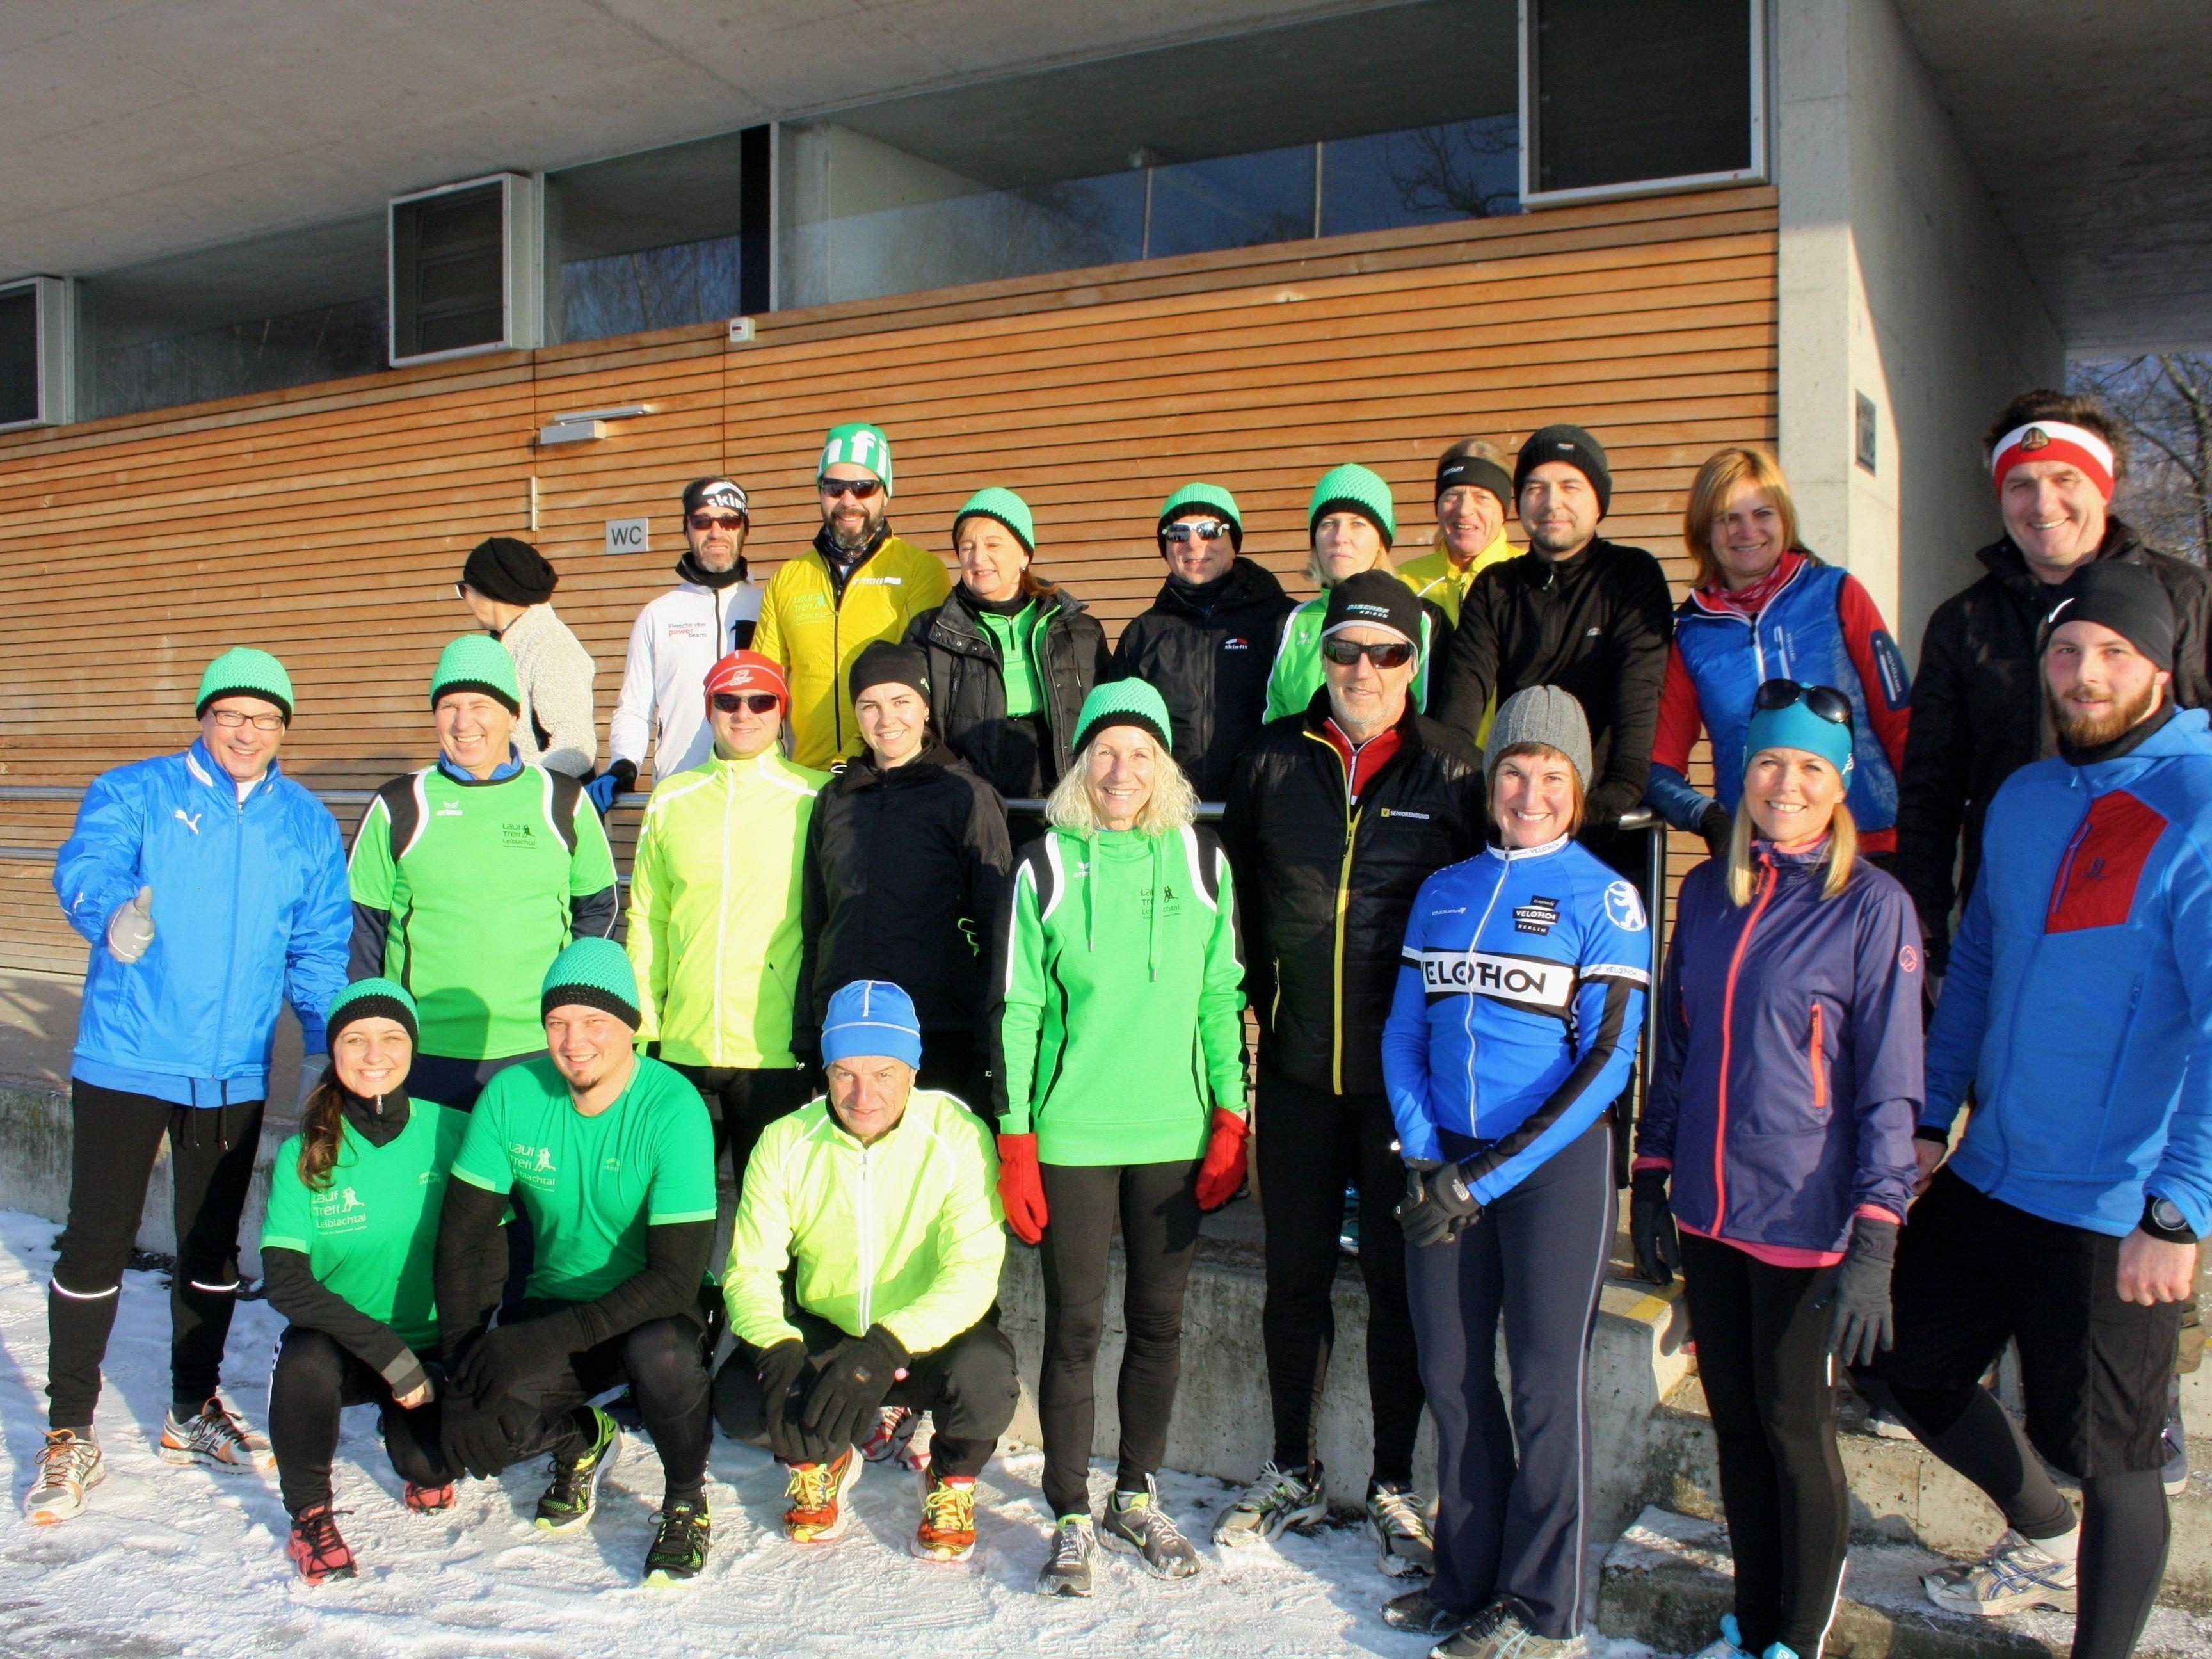 Auch beim 17. Lochauer Dreikönigslauf waren wieder zahlreiche begeisterte Laufsportfreunde aktiv mit dabei.